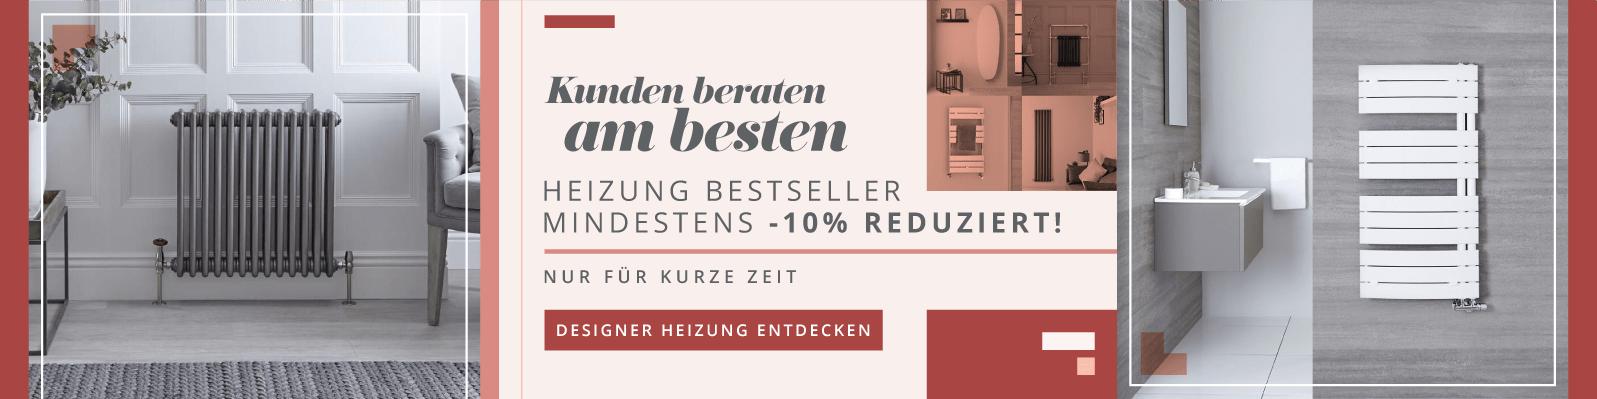 Kunden beraten am besten Heizung Bestseller mindestens -10% reduziert! Nur für kurze Zeit Designer Heizung entdecken